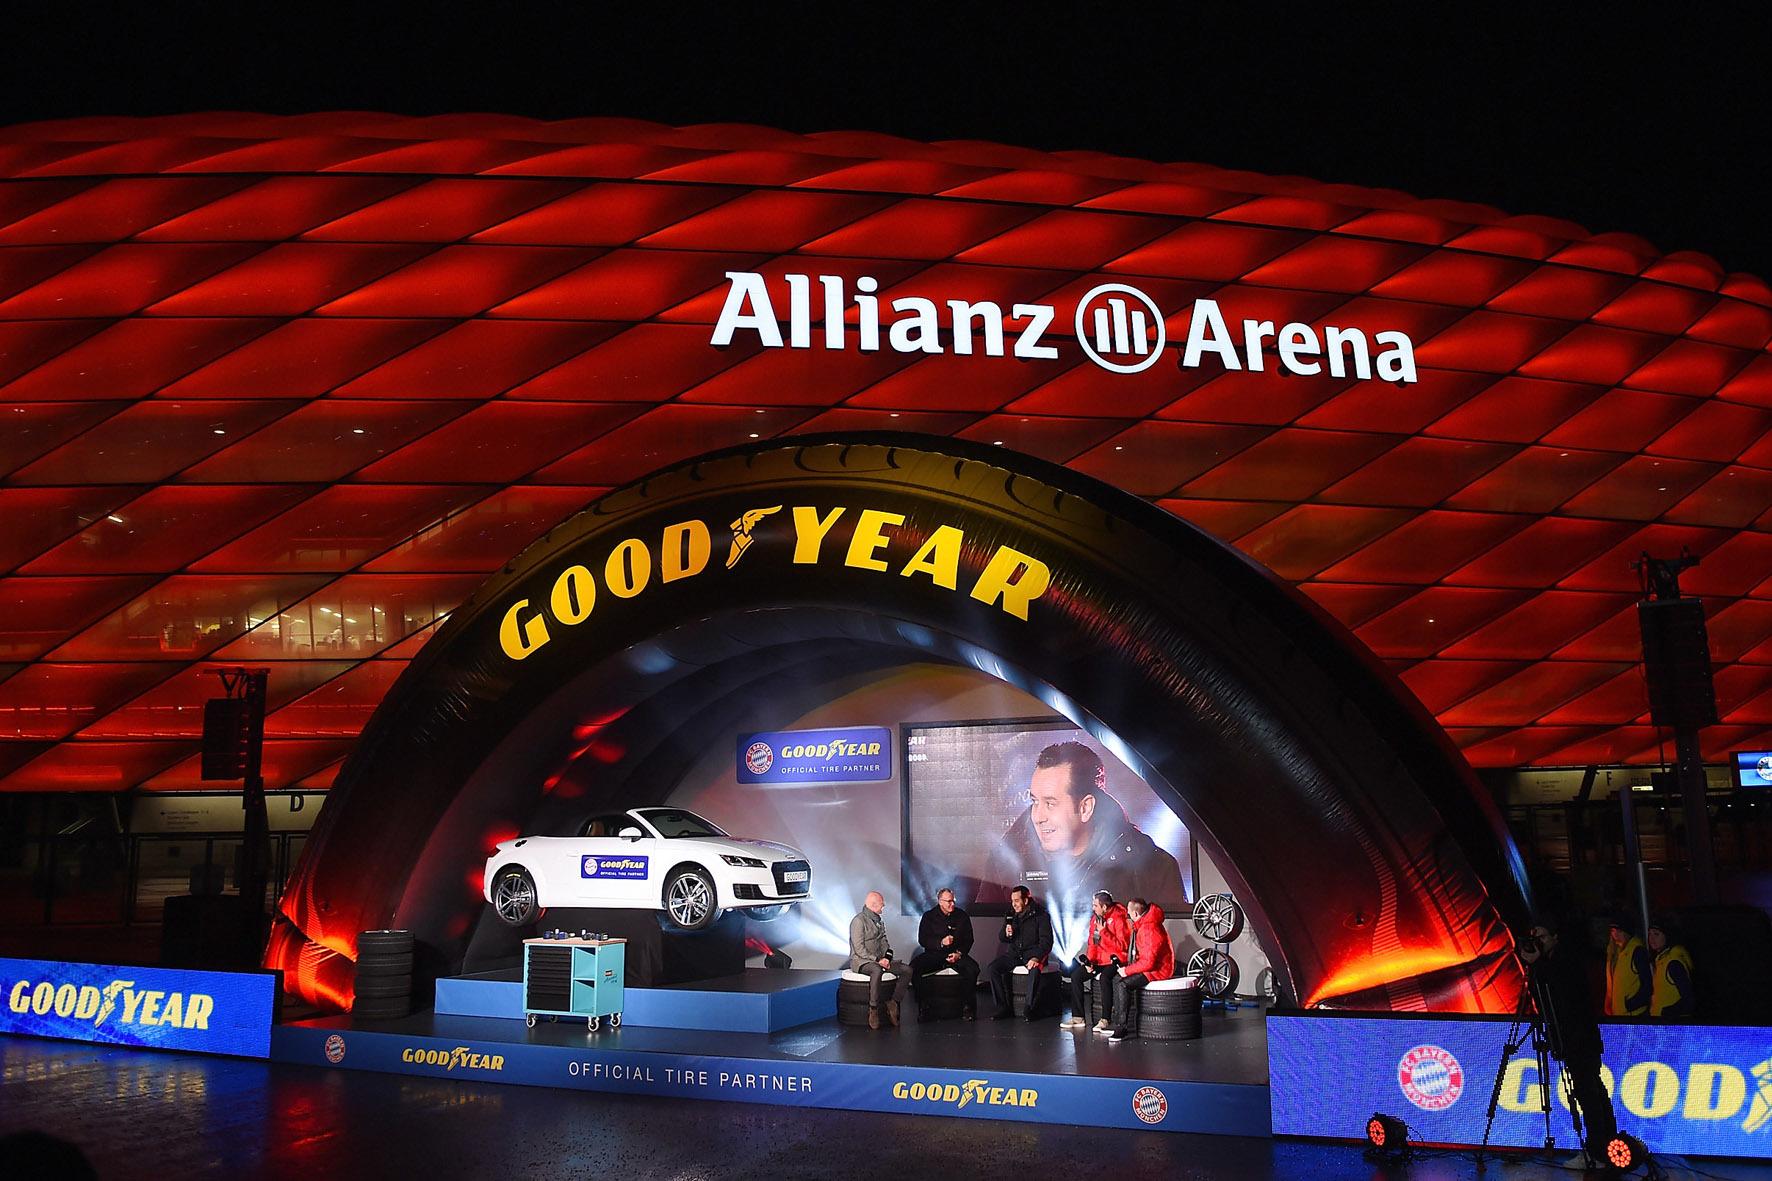 mid München - Premium-Reifenbauer und Premium-Fußballclub: Goodyear und der FC Bayern München haben an der Allianz Arena in München öffentlichkeitswirksam eine Platin-Partnerschaft vereinbart.